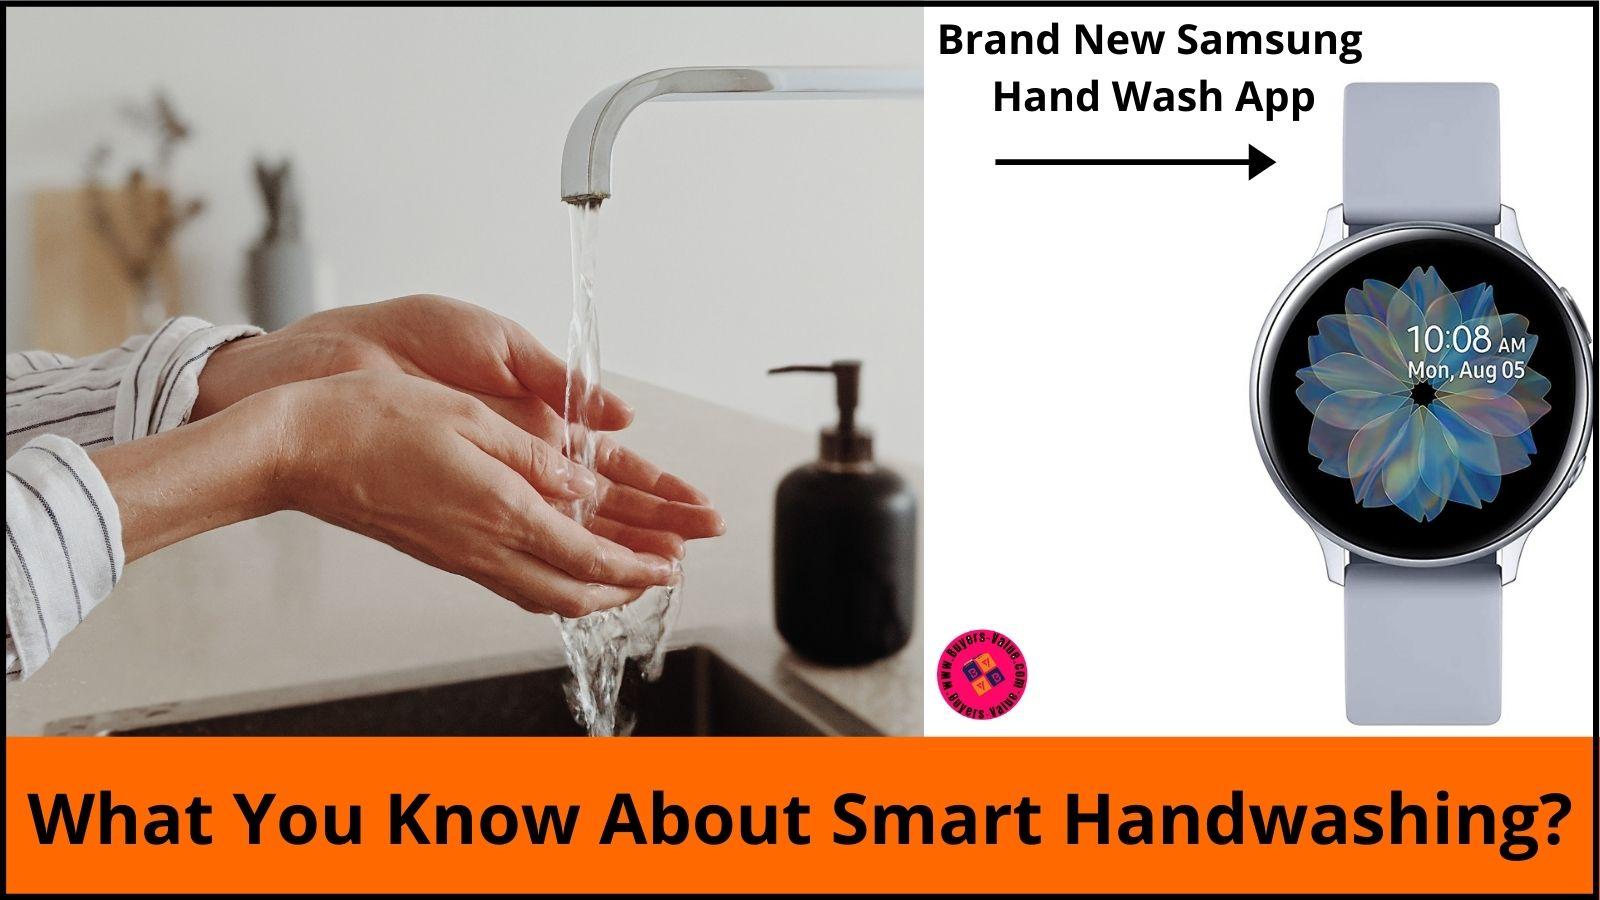 Smart Handwashing